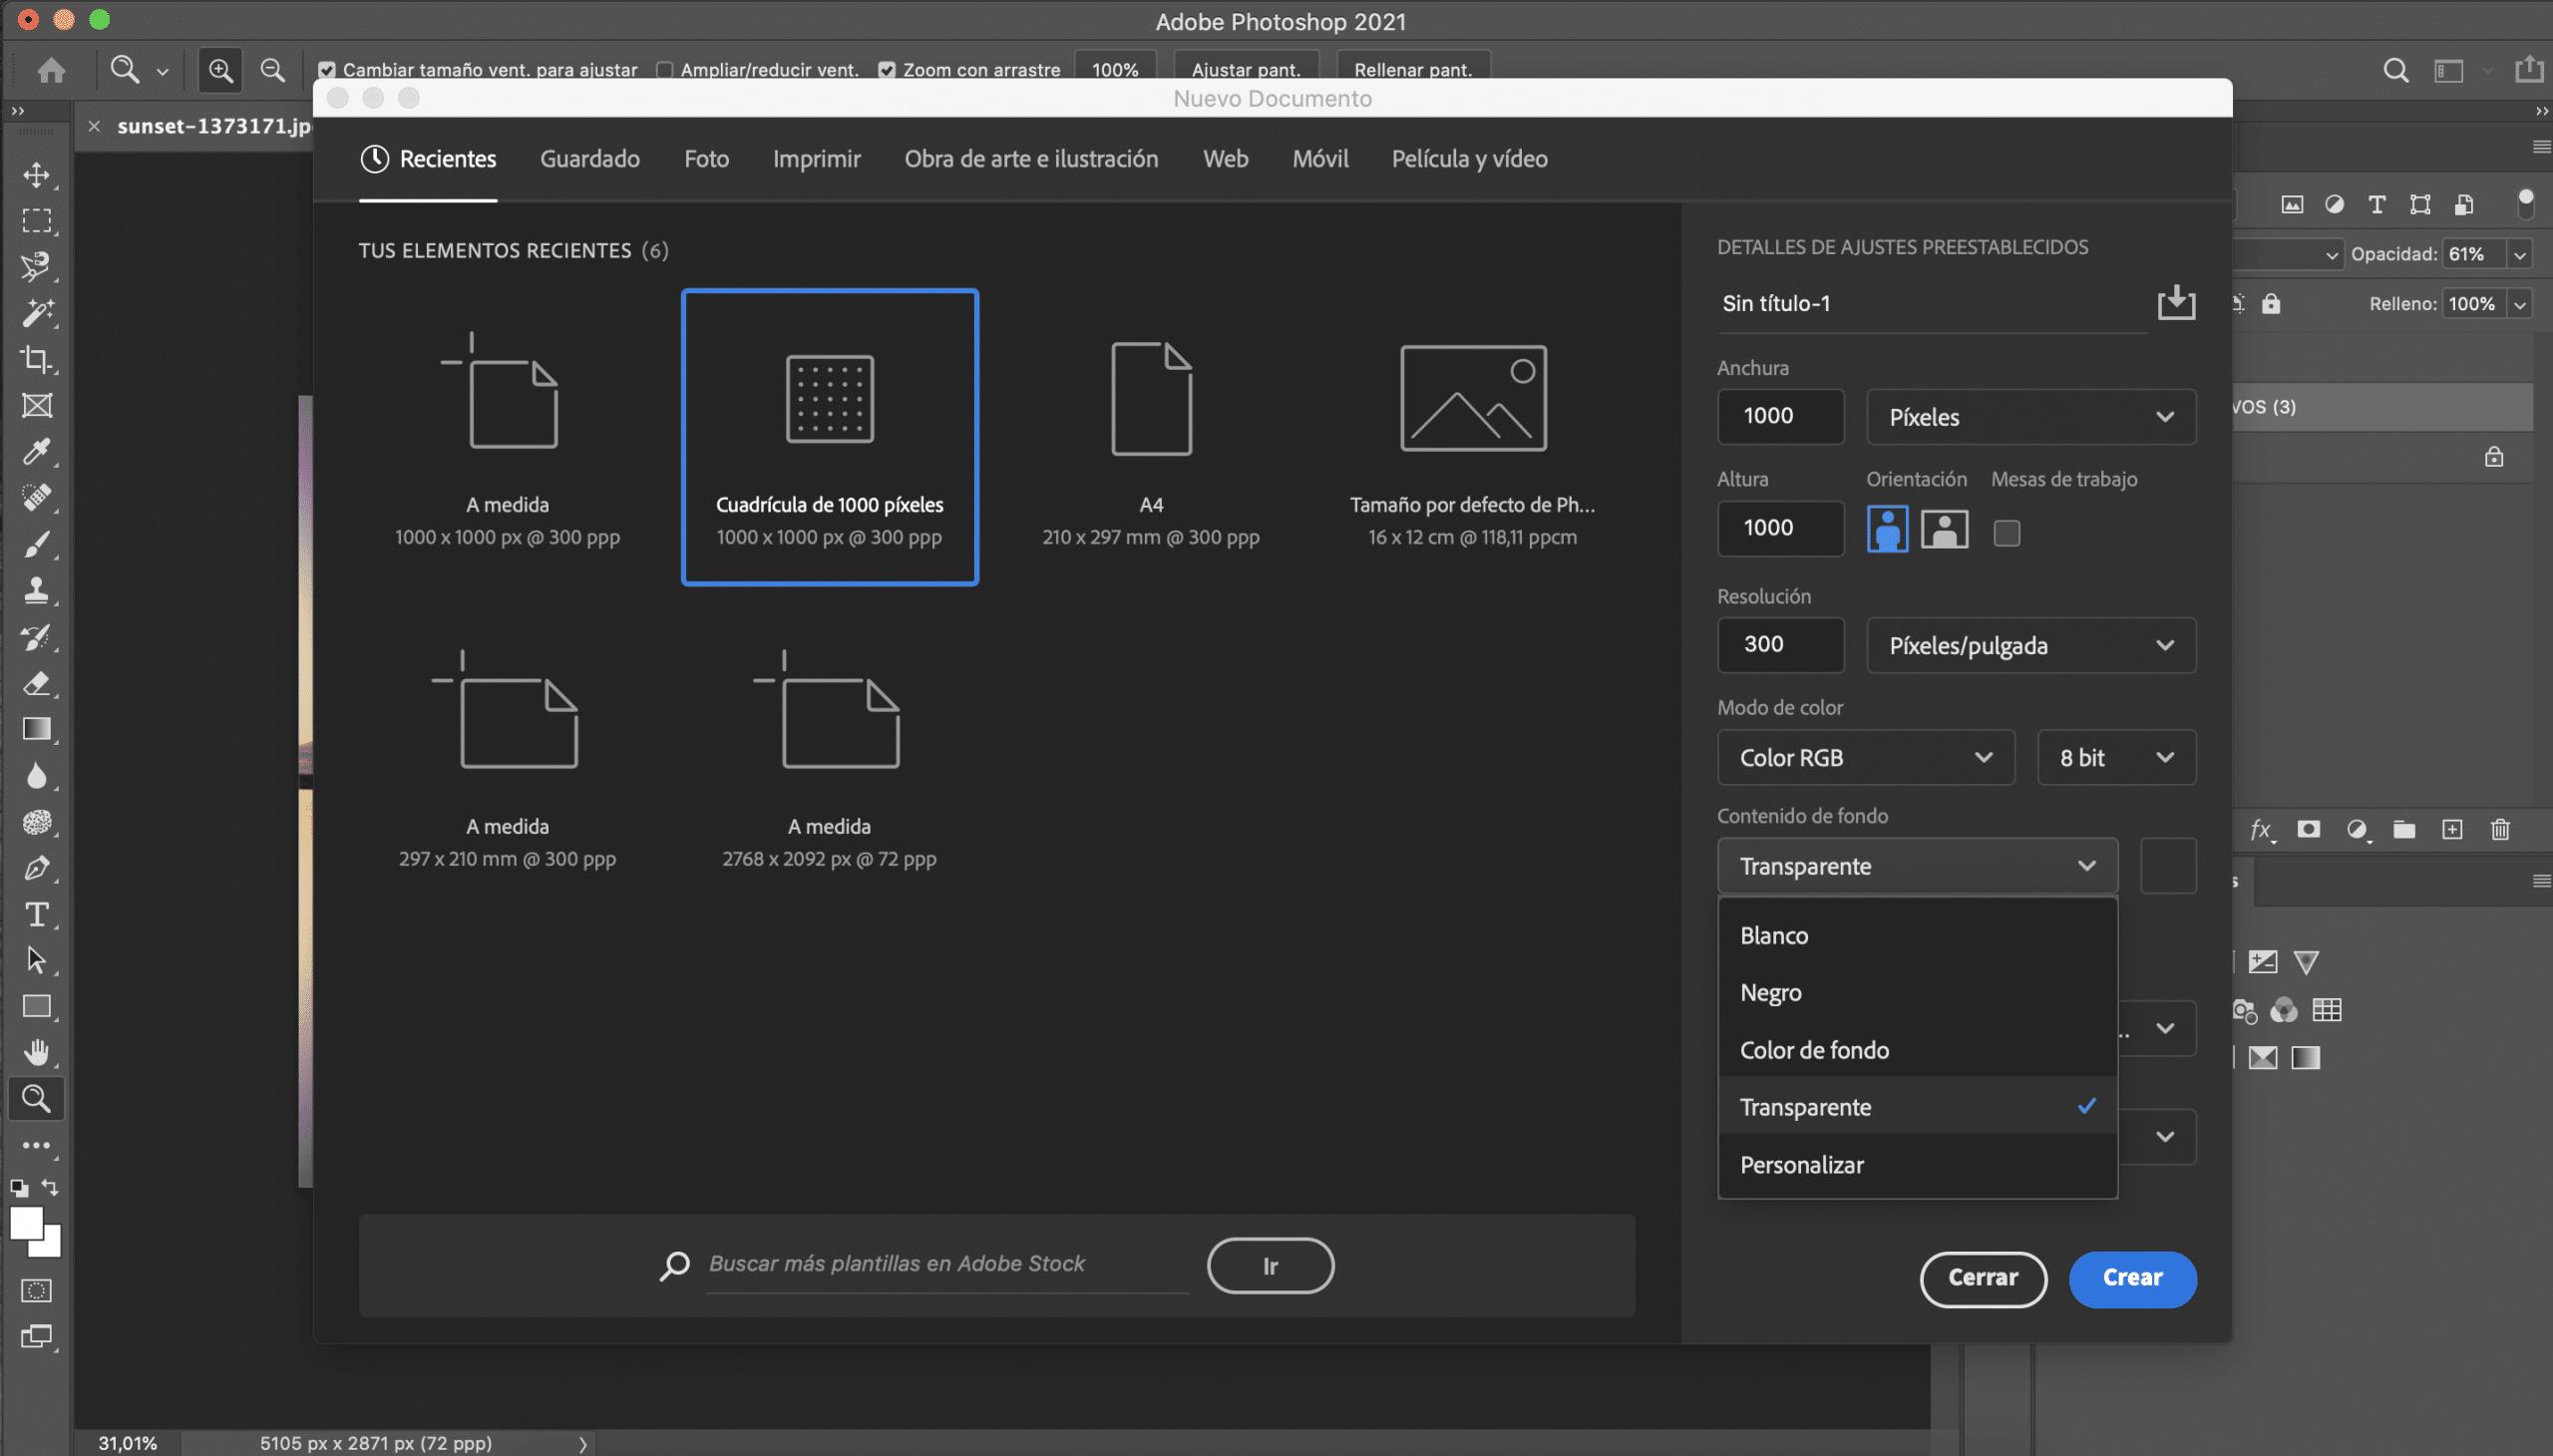 Crear nuevo archivo en Photoshop con fondo transparente